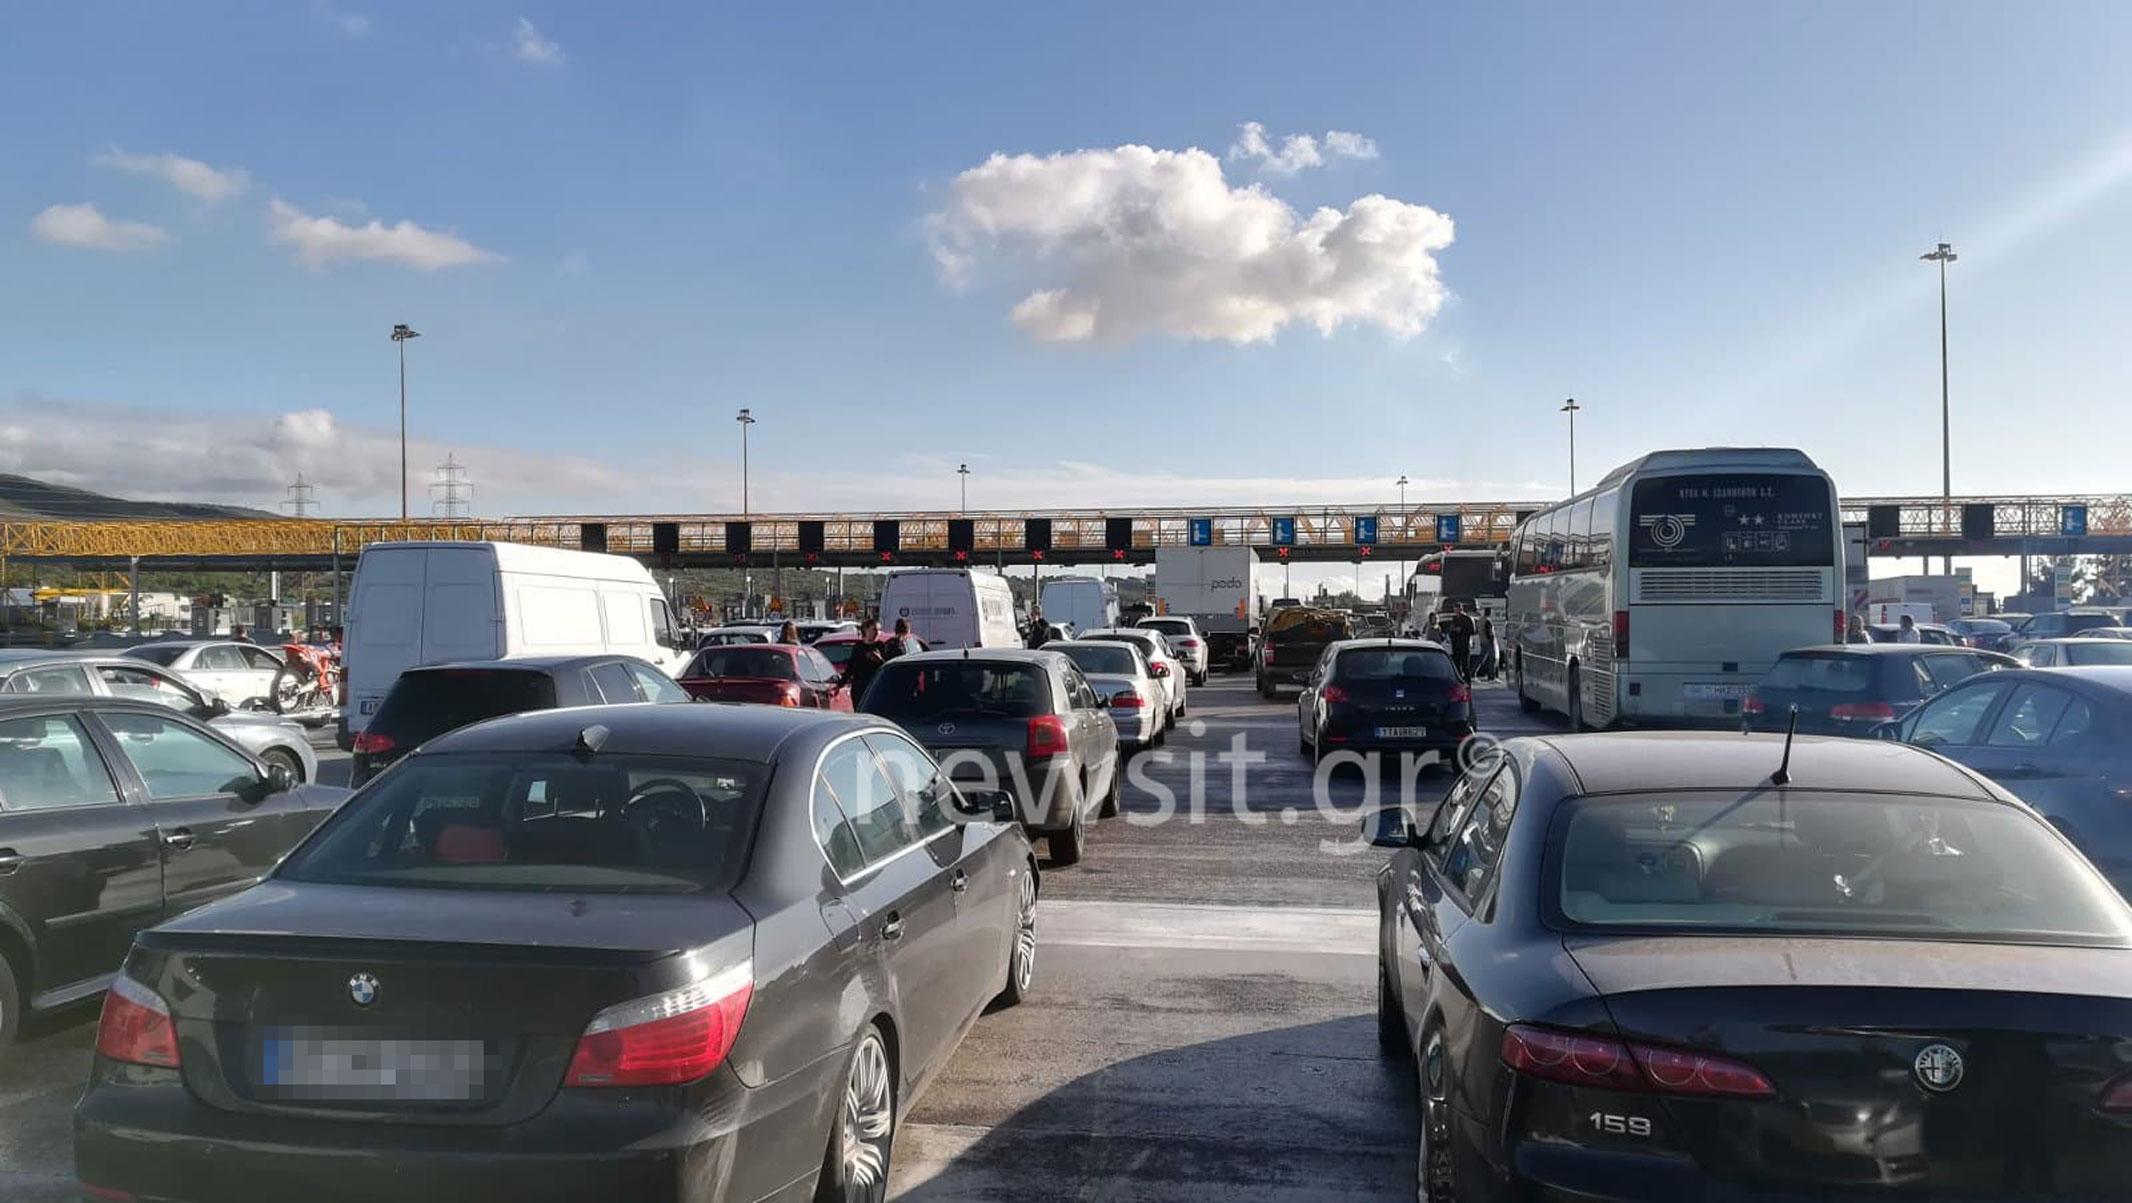 Εθνική Αθηνών – Κορίνθου: Ταλαιπωρία χωρίς τέλος για τους ακινητοποιημένους οδηγούς